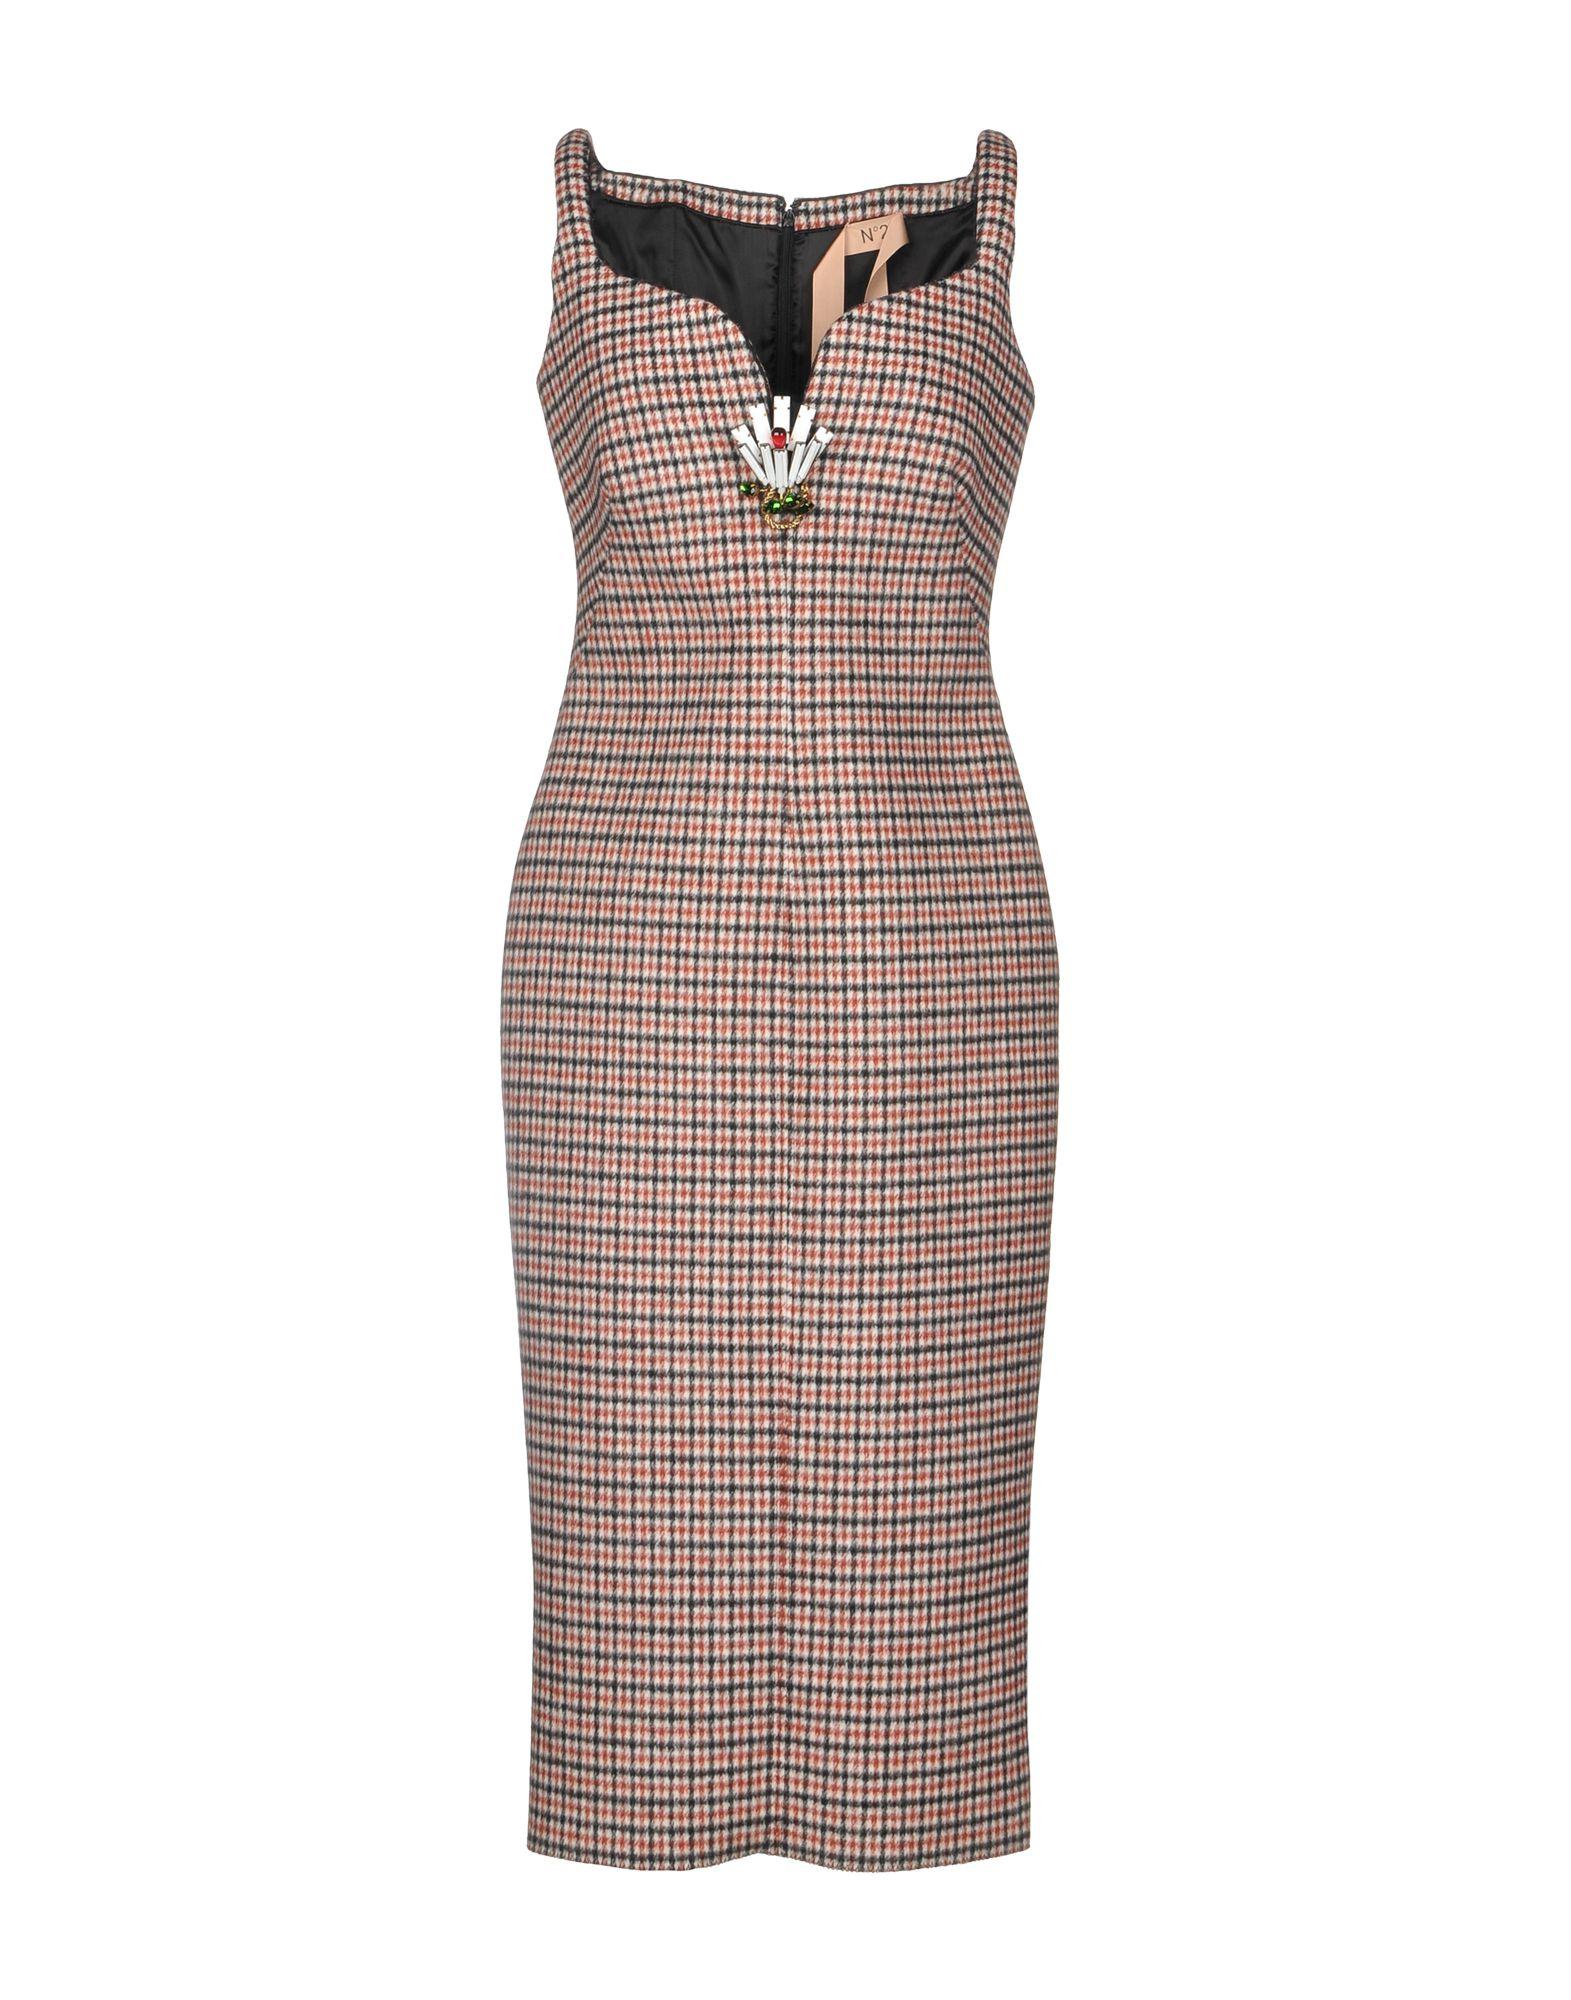 N°21 Платье длиной 3/4 nardi pvl 4 lt 33 x